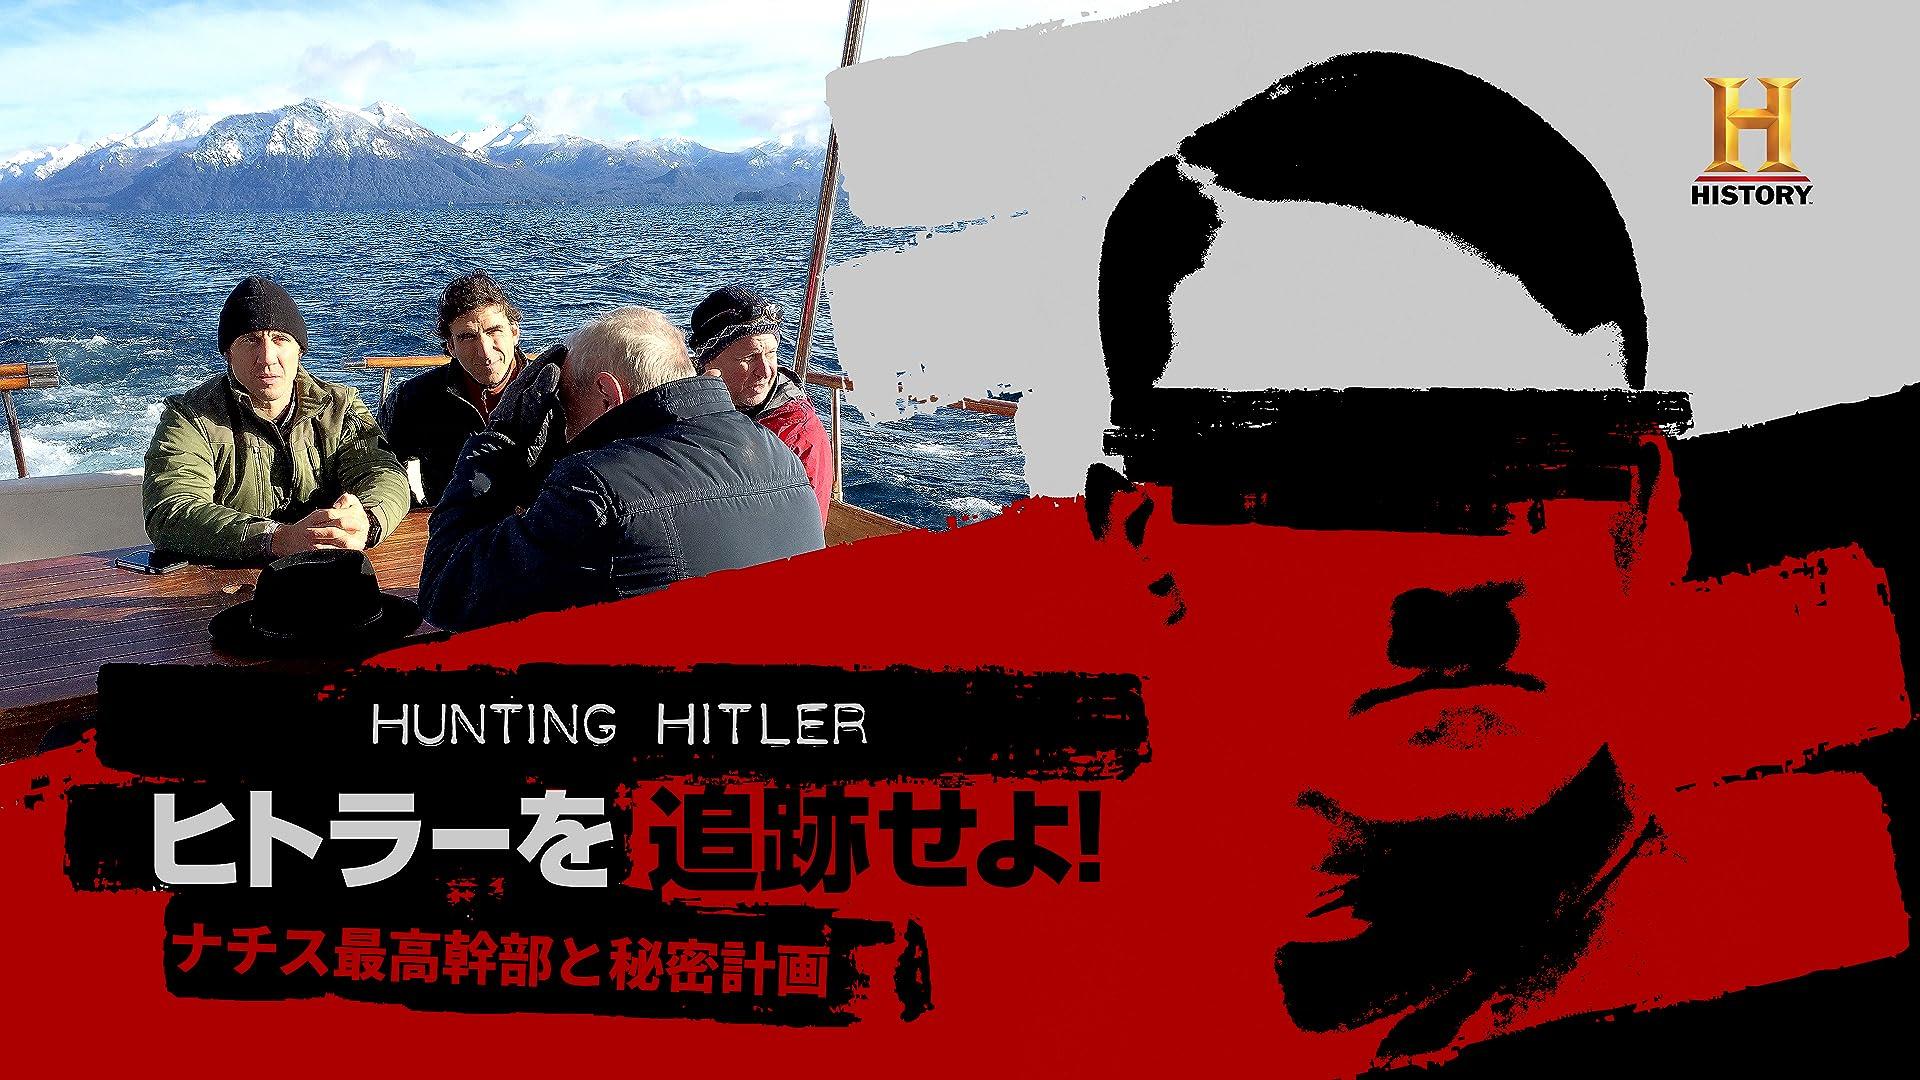 ヒトラーを追跡せよ!ナチス最高幹部と秘密計画